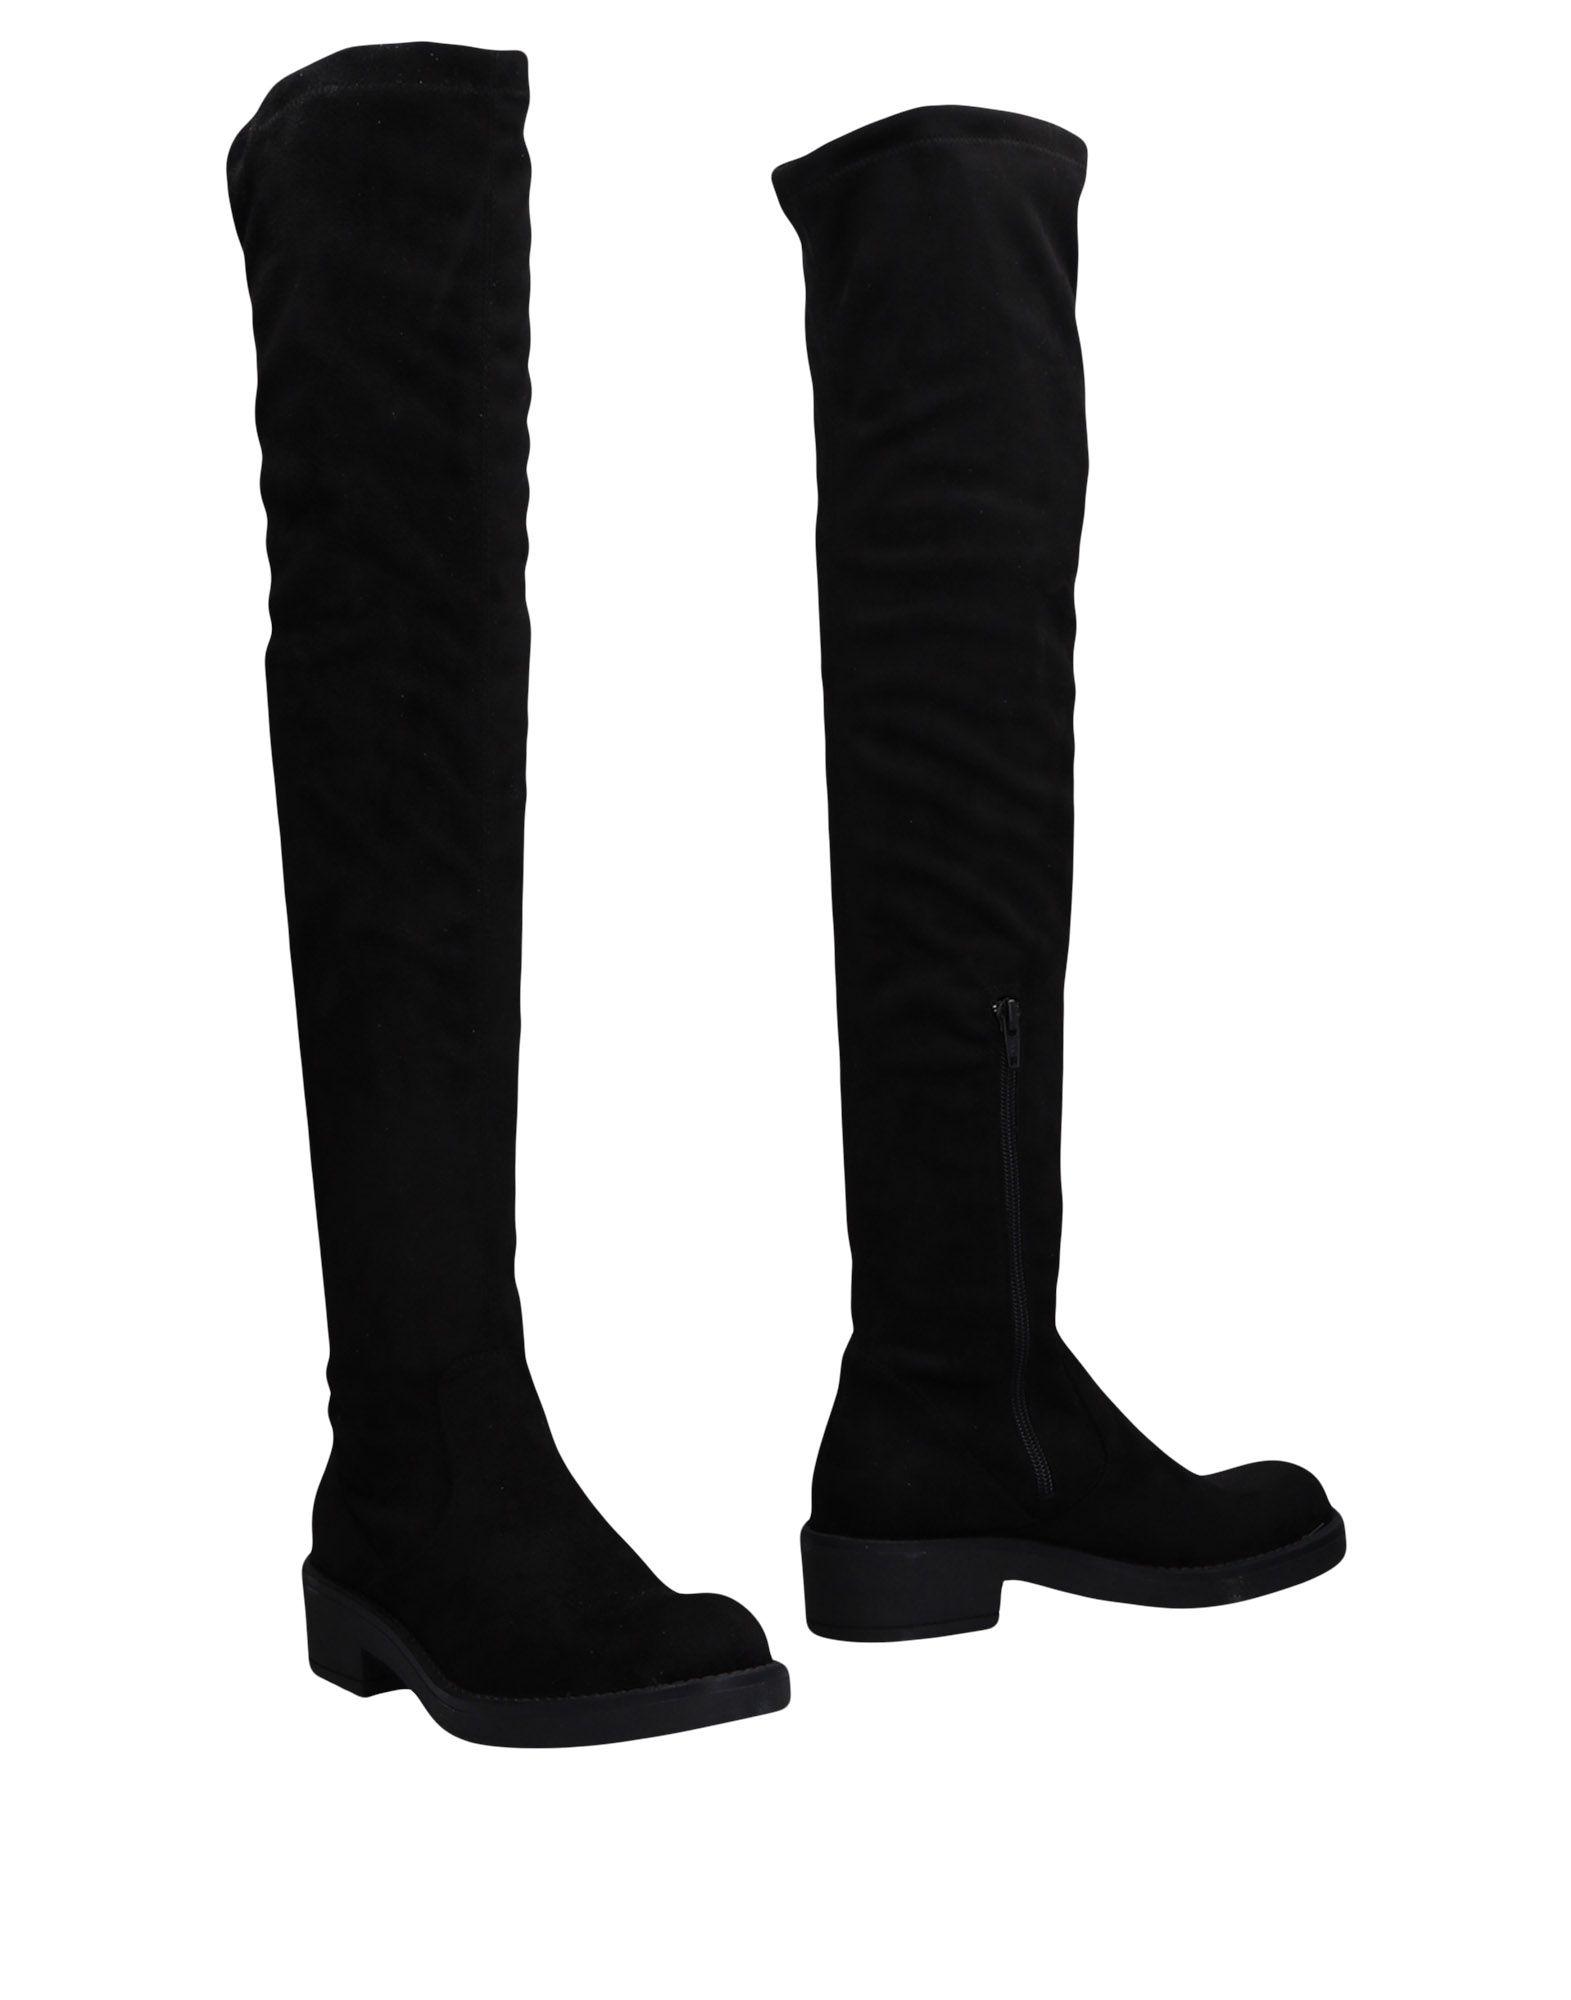 Unlace Stiefel Damen  11473182LC Gute Qualität beliebte Schuhe